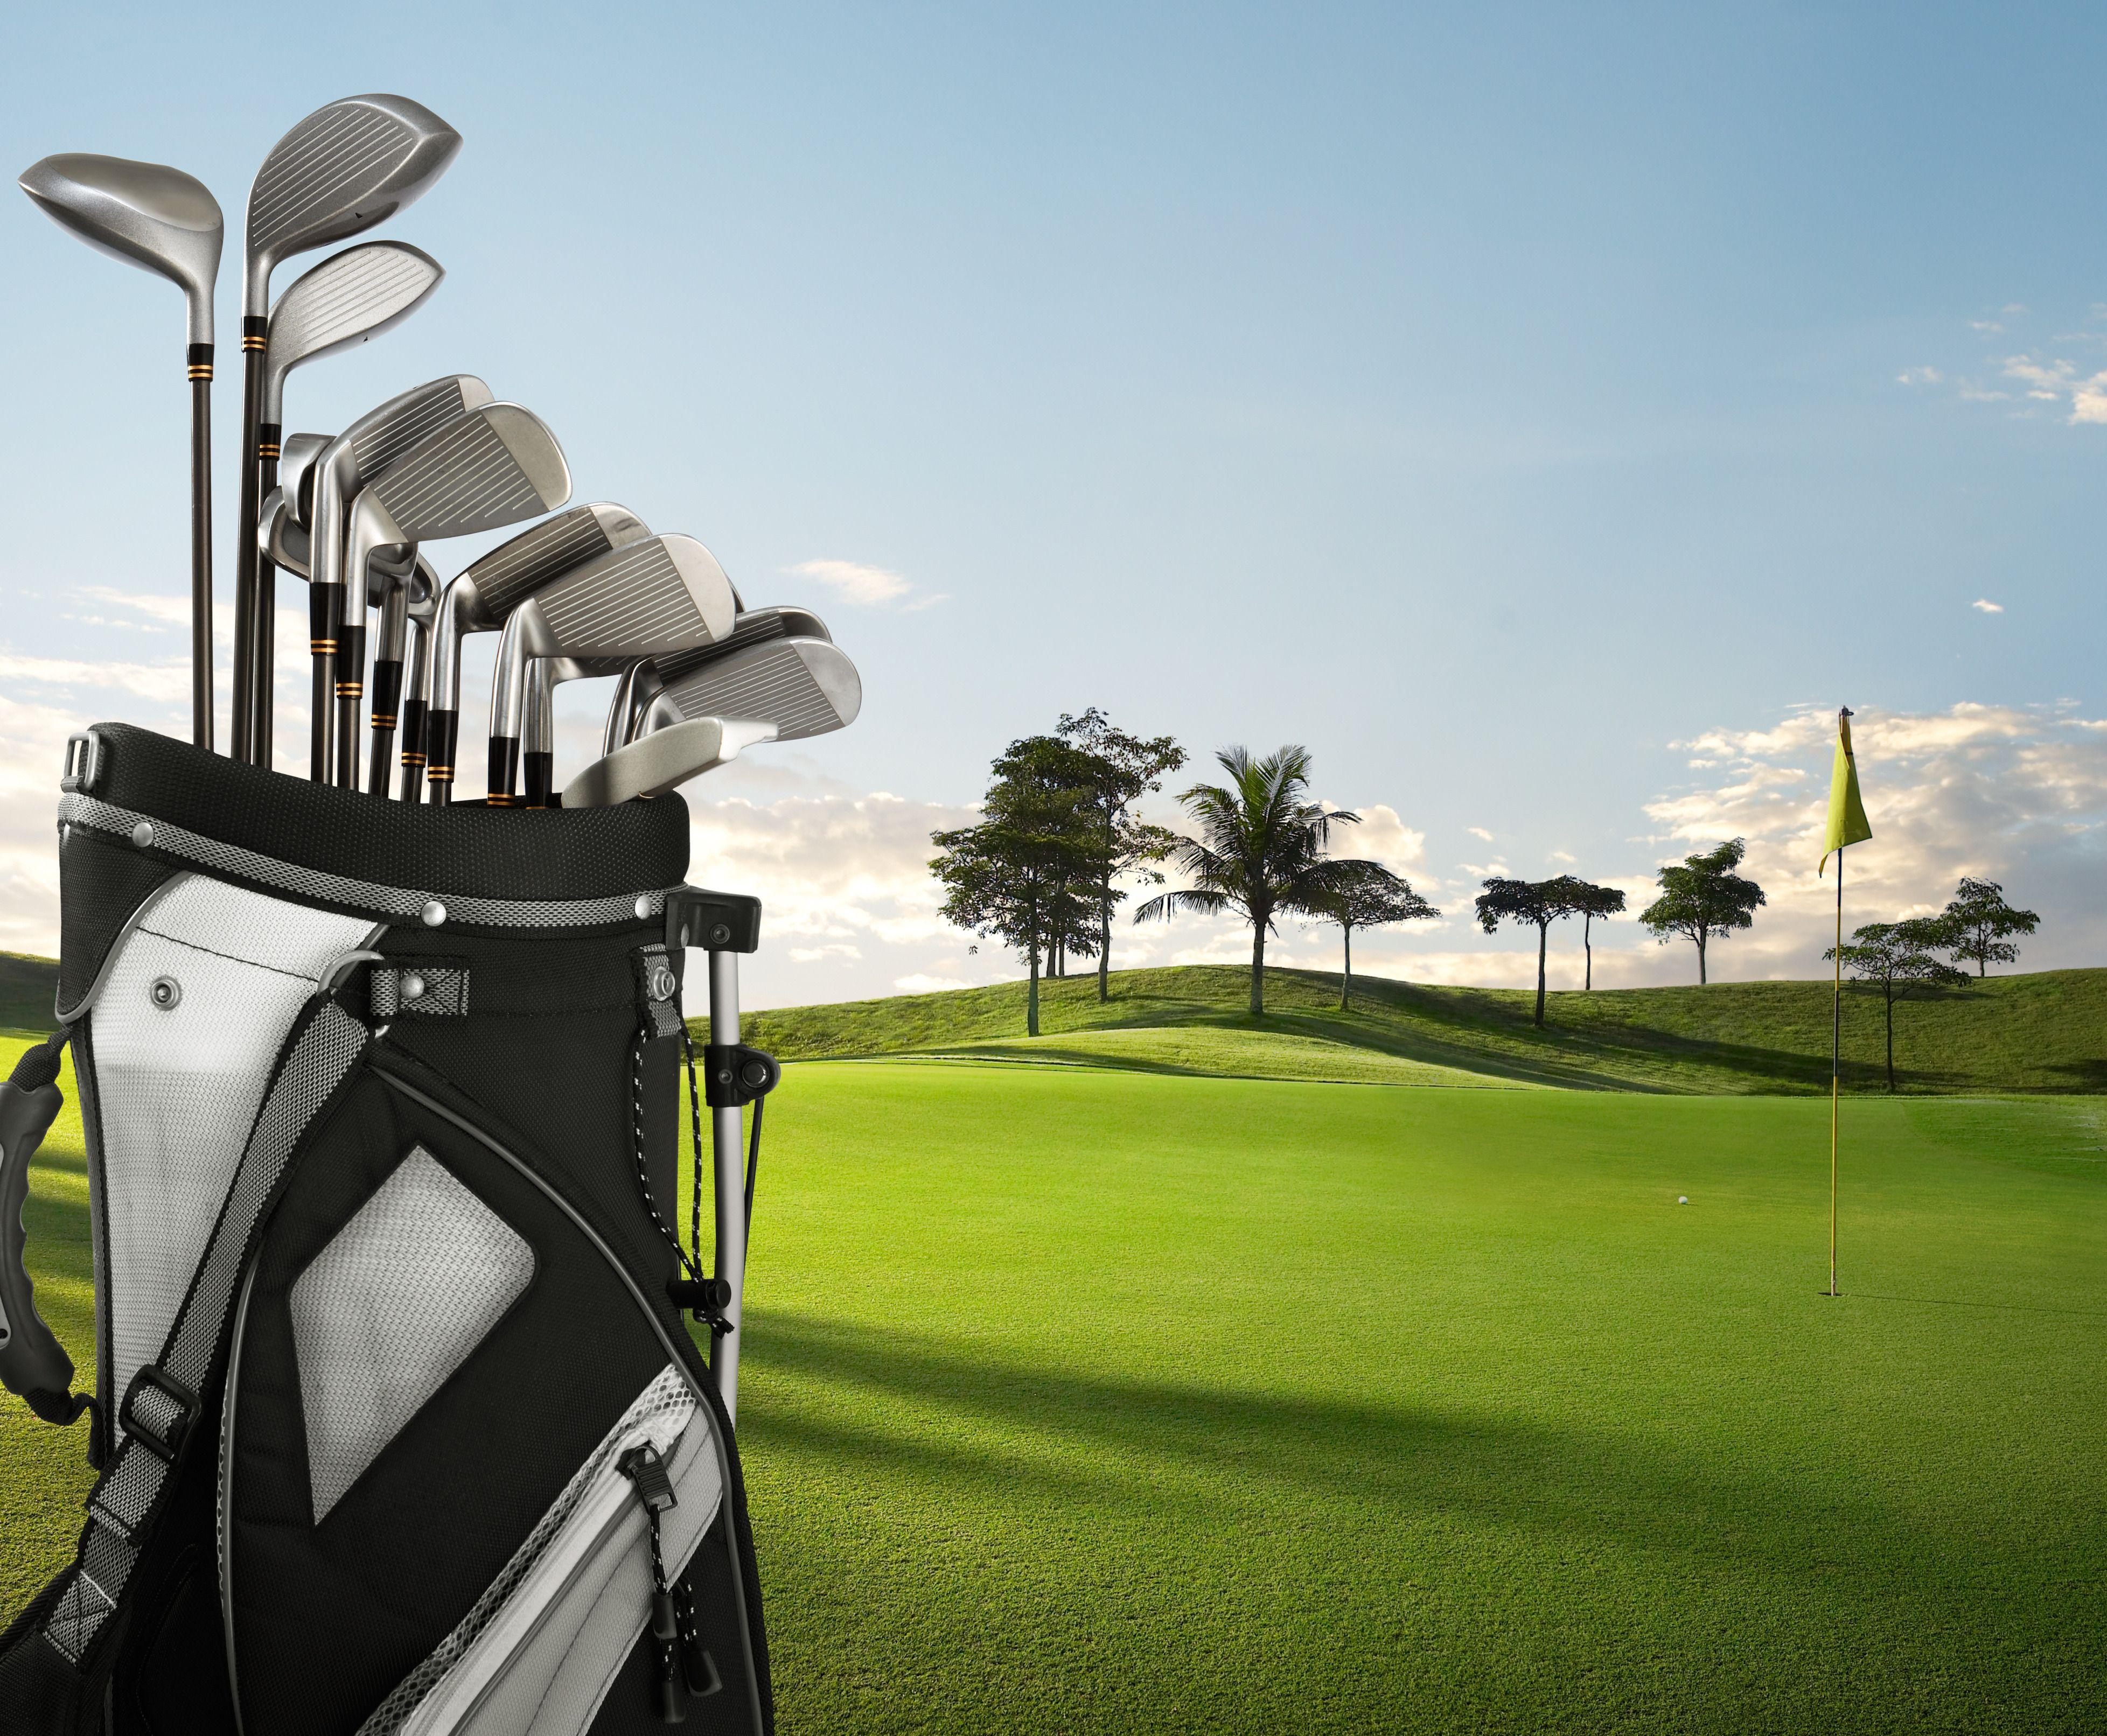 Fondos de pantalla gratis. Palos de golf. | golf y mas | Pinterest ...